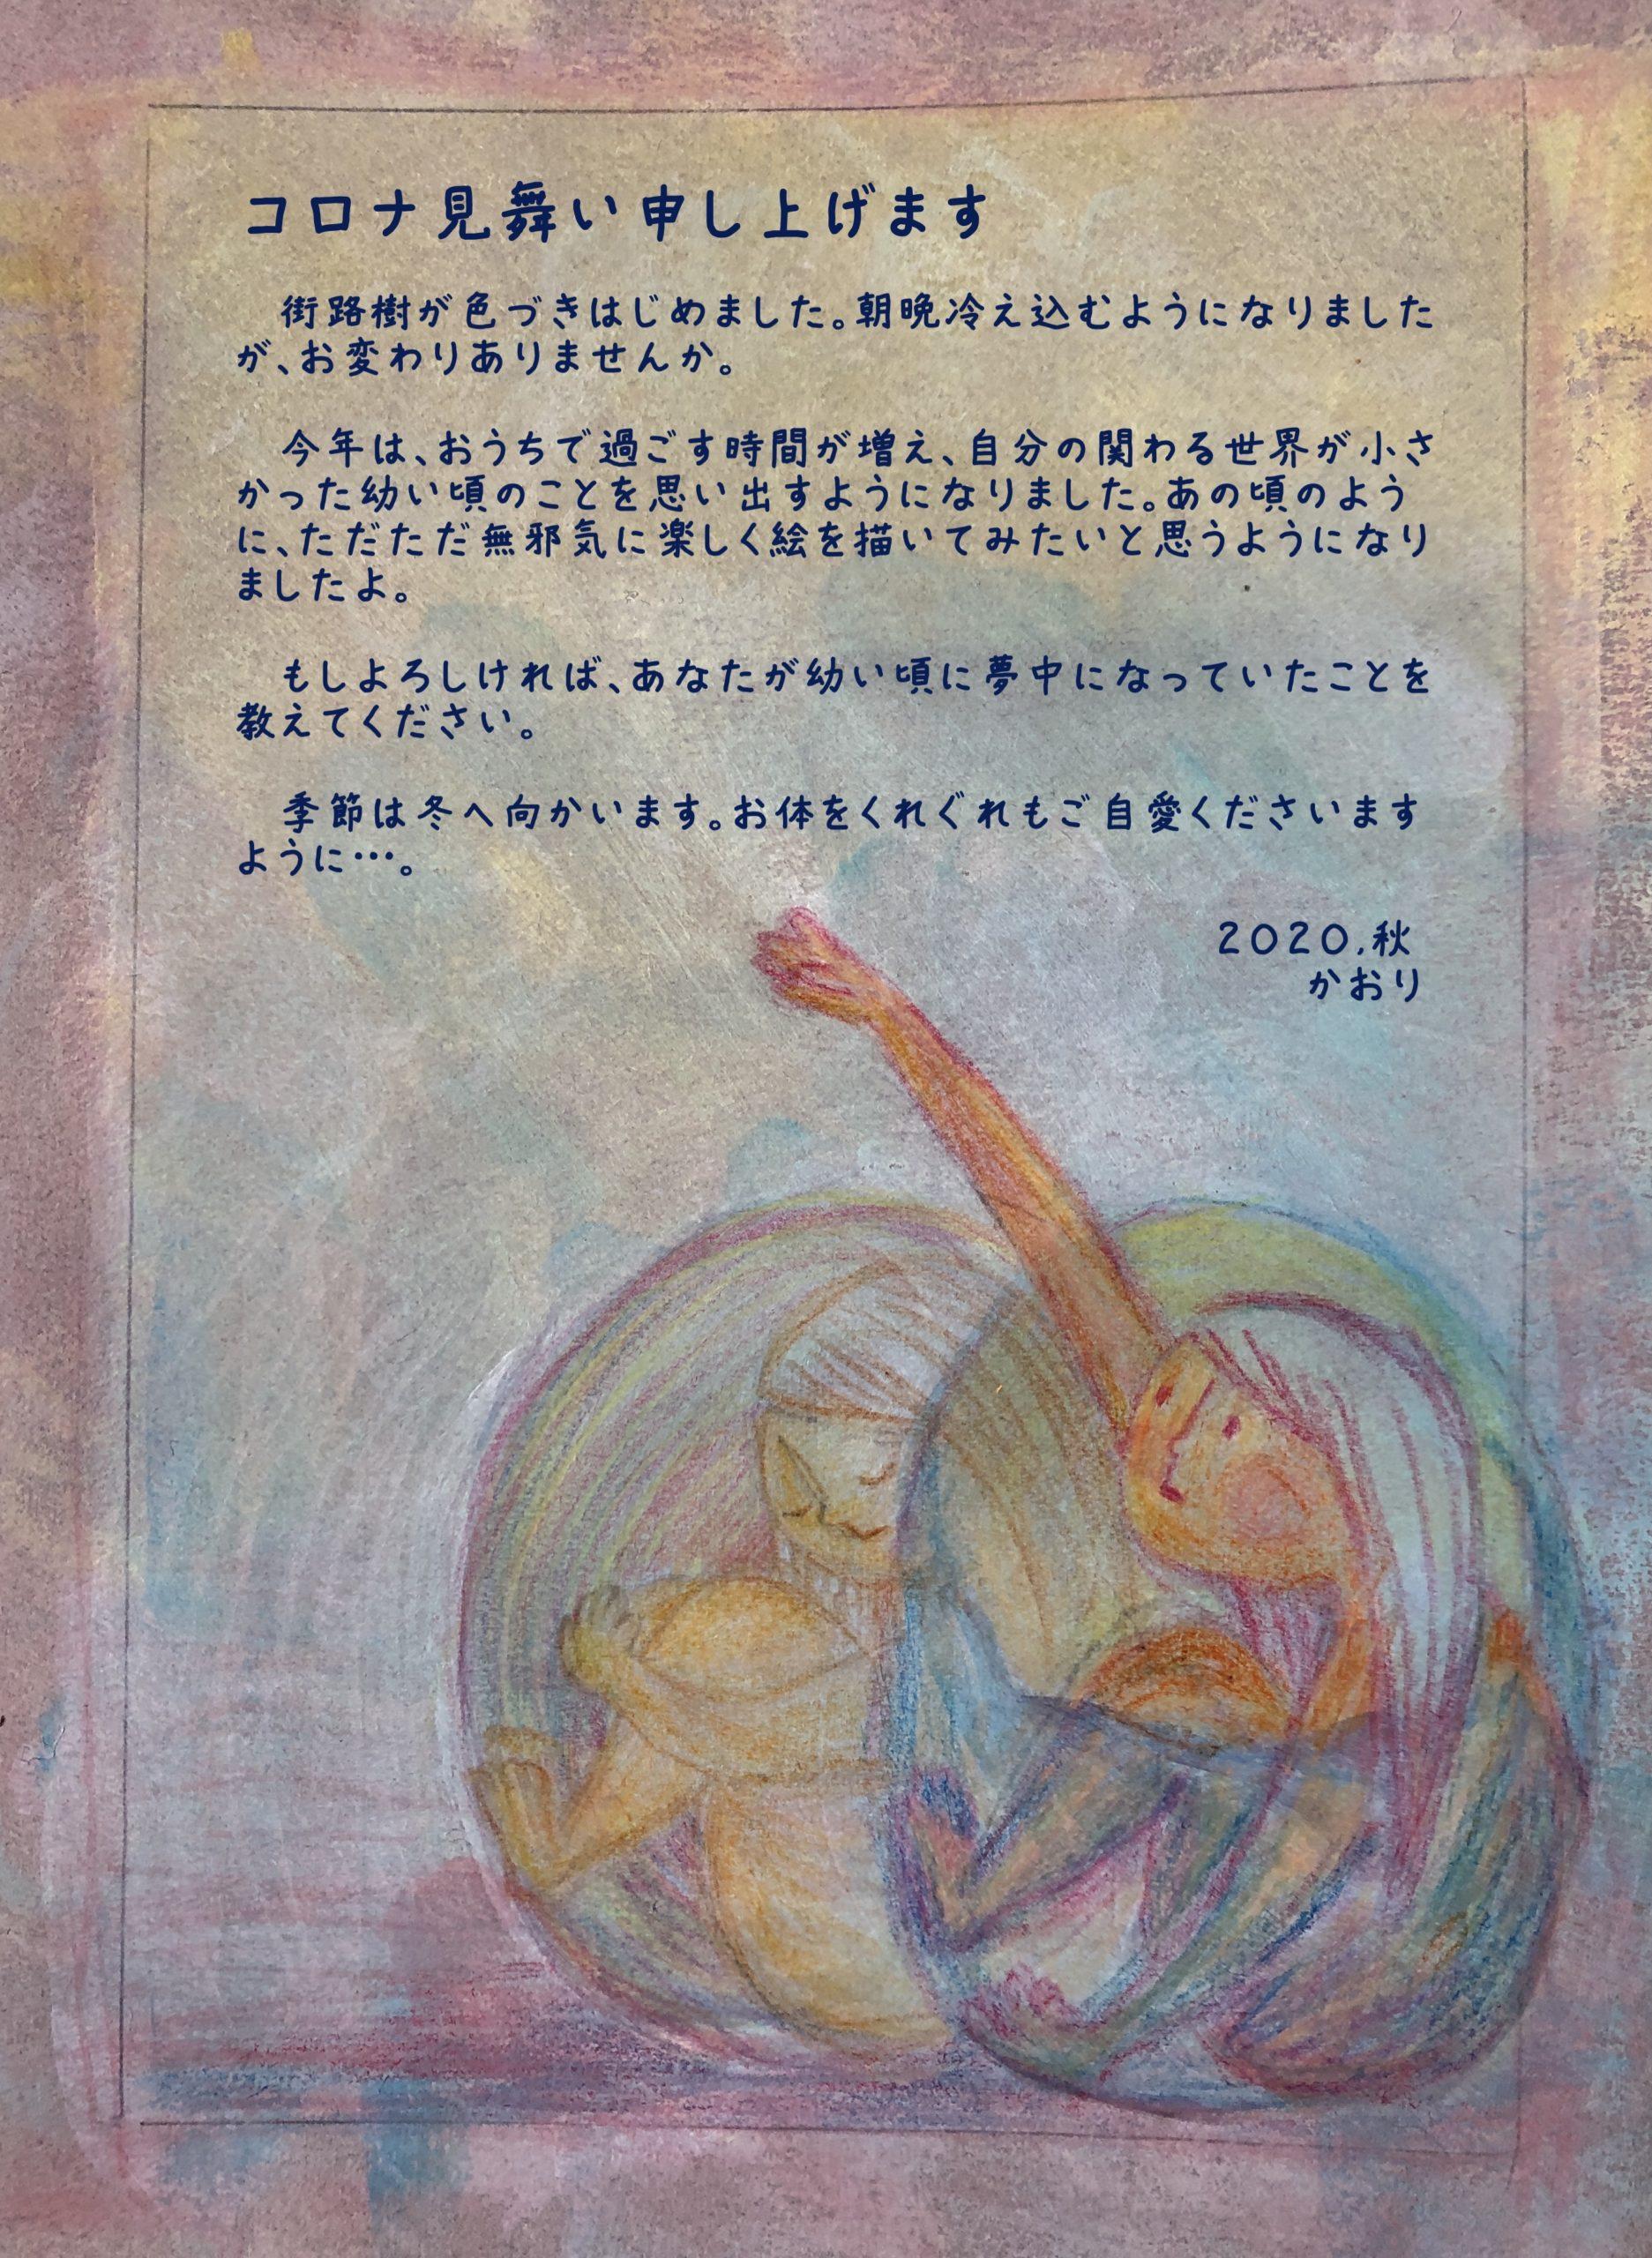 ながさわかおり - タイトル:コロナ見舞いの秋(作家名:ながさわかおり)